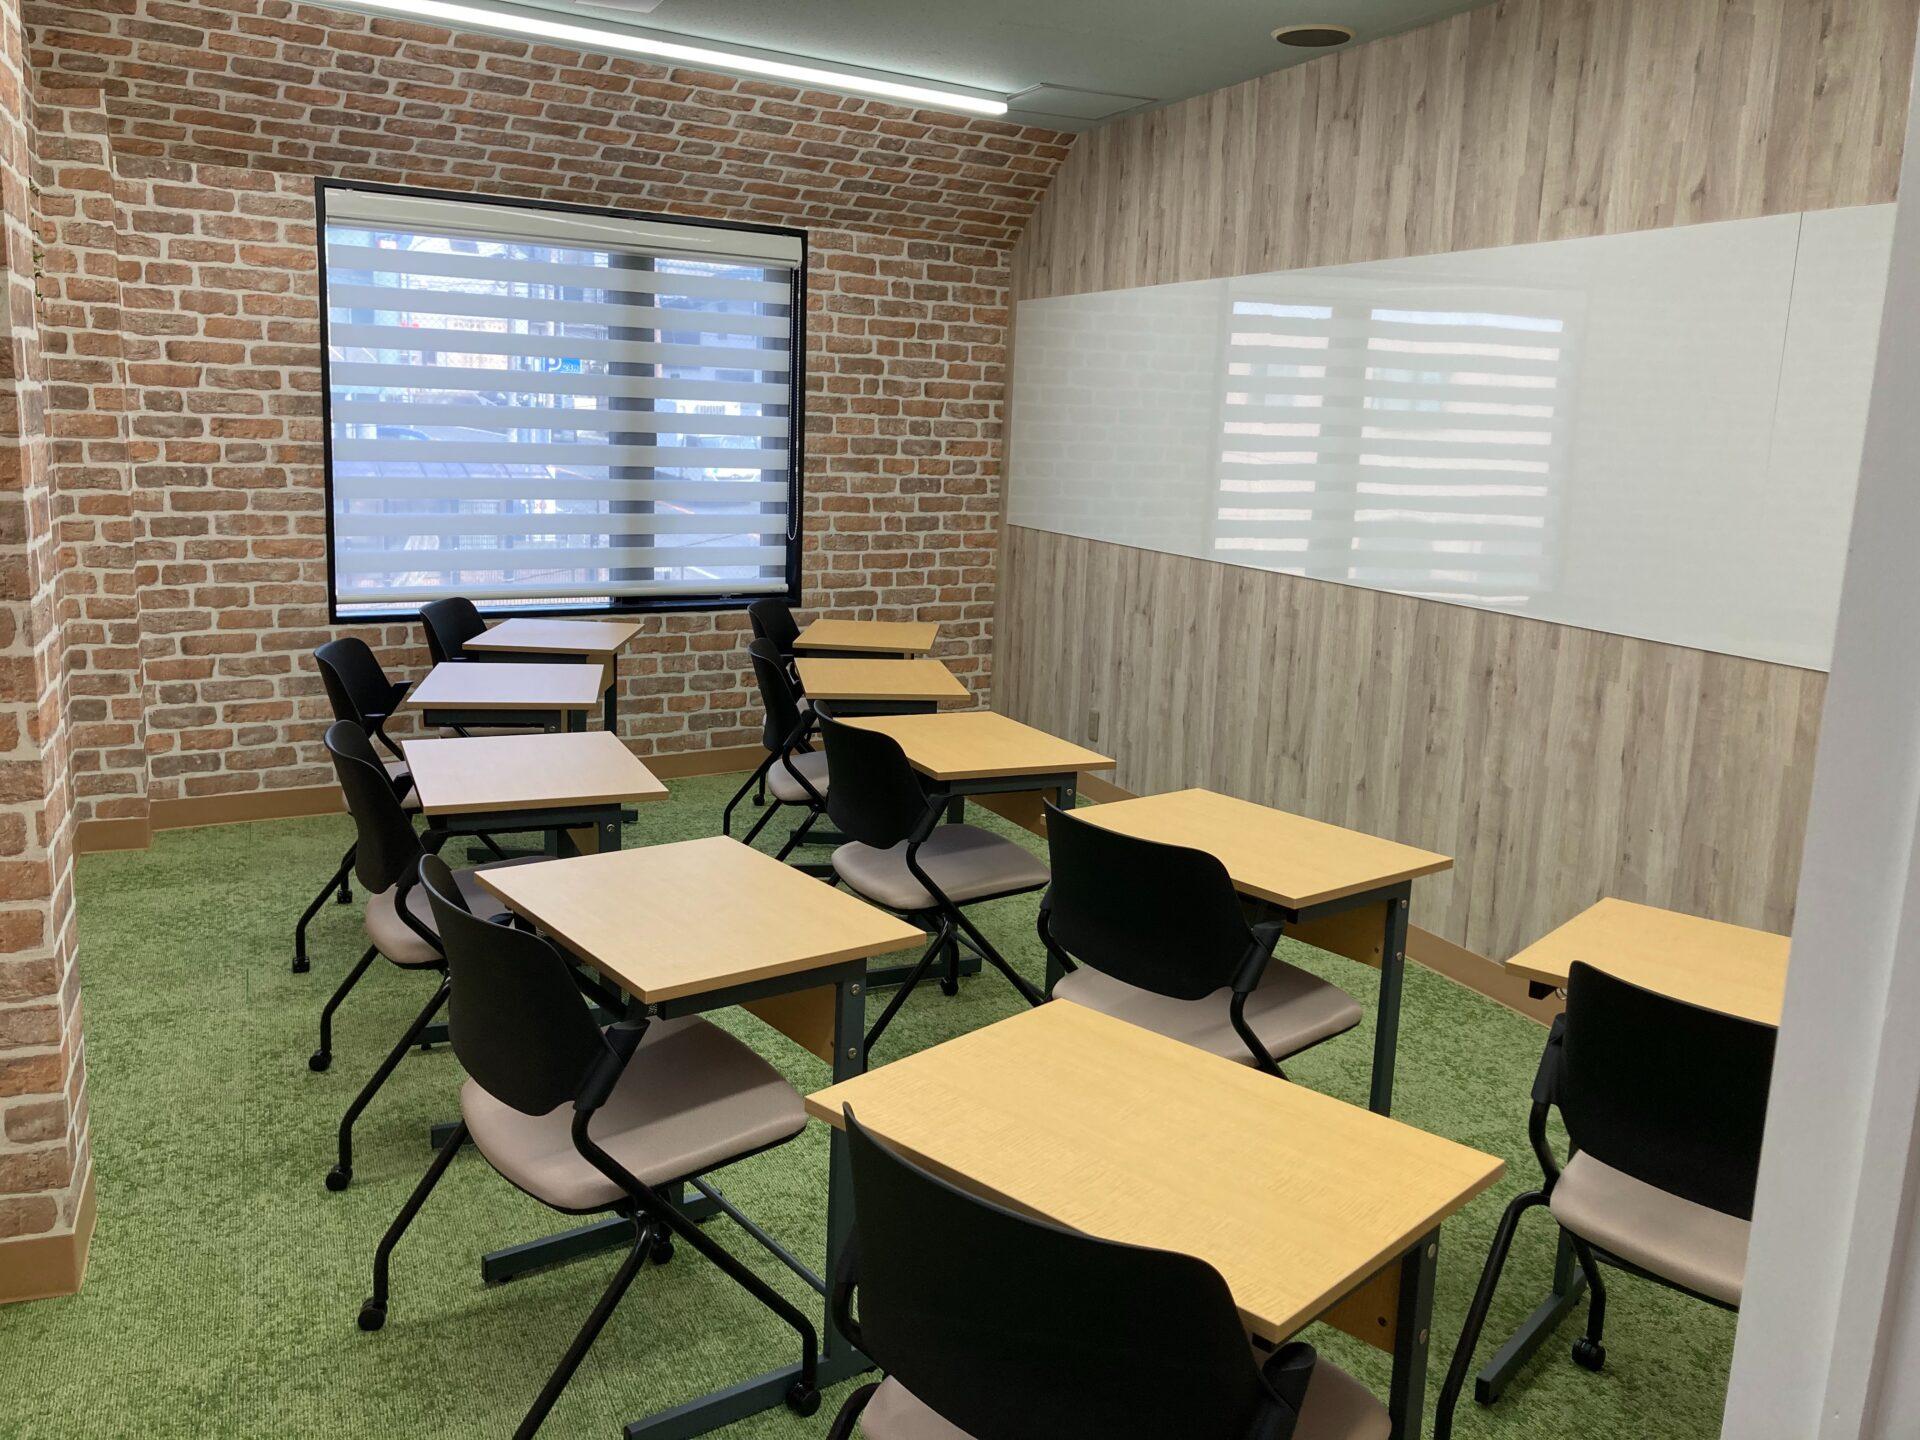 f:id:TeachforFUKUOKA:20210410094058j:image